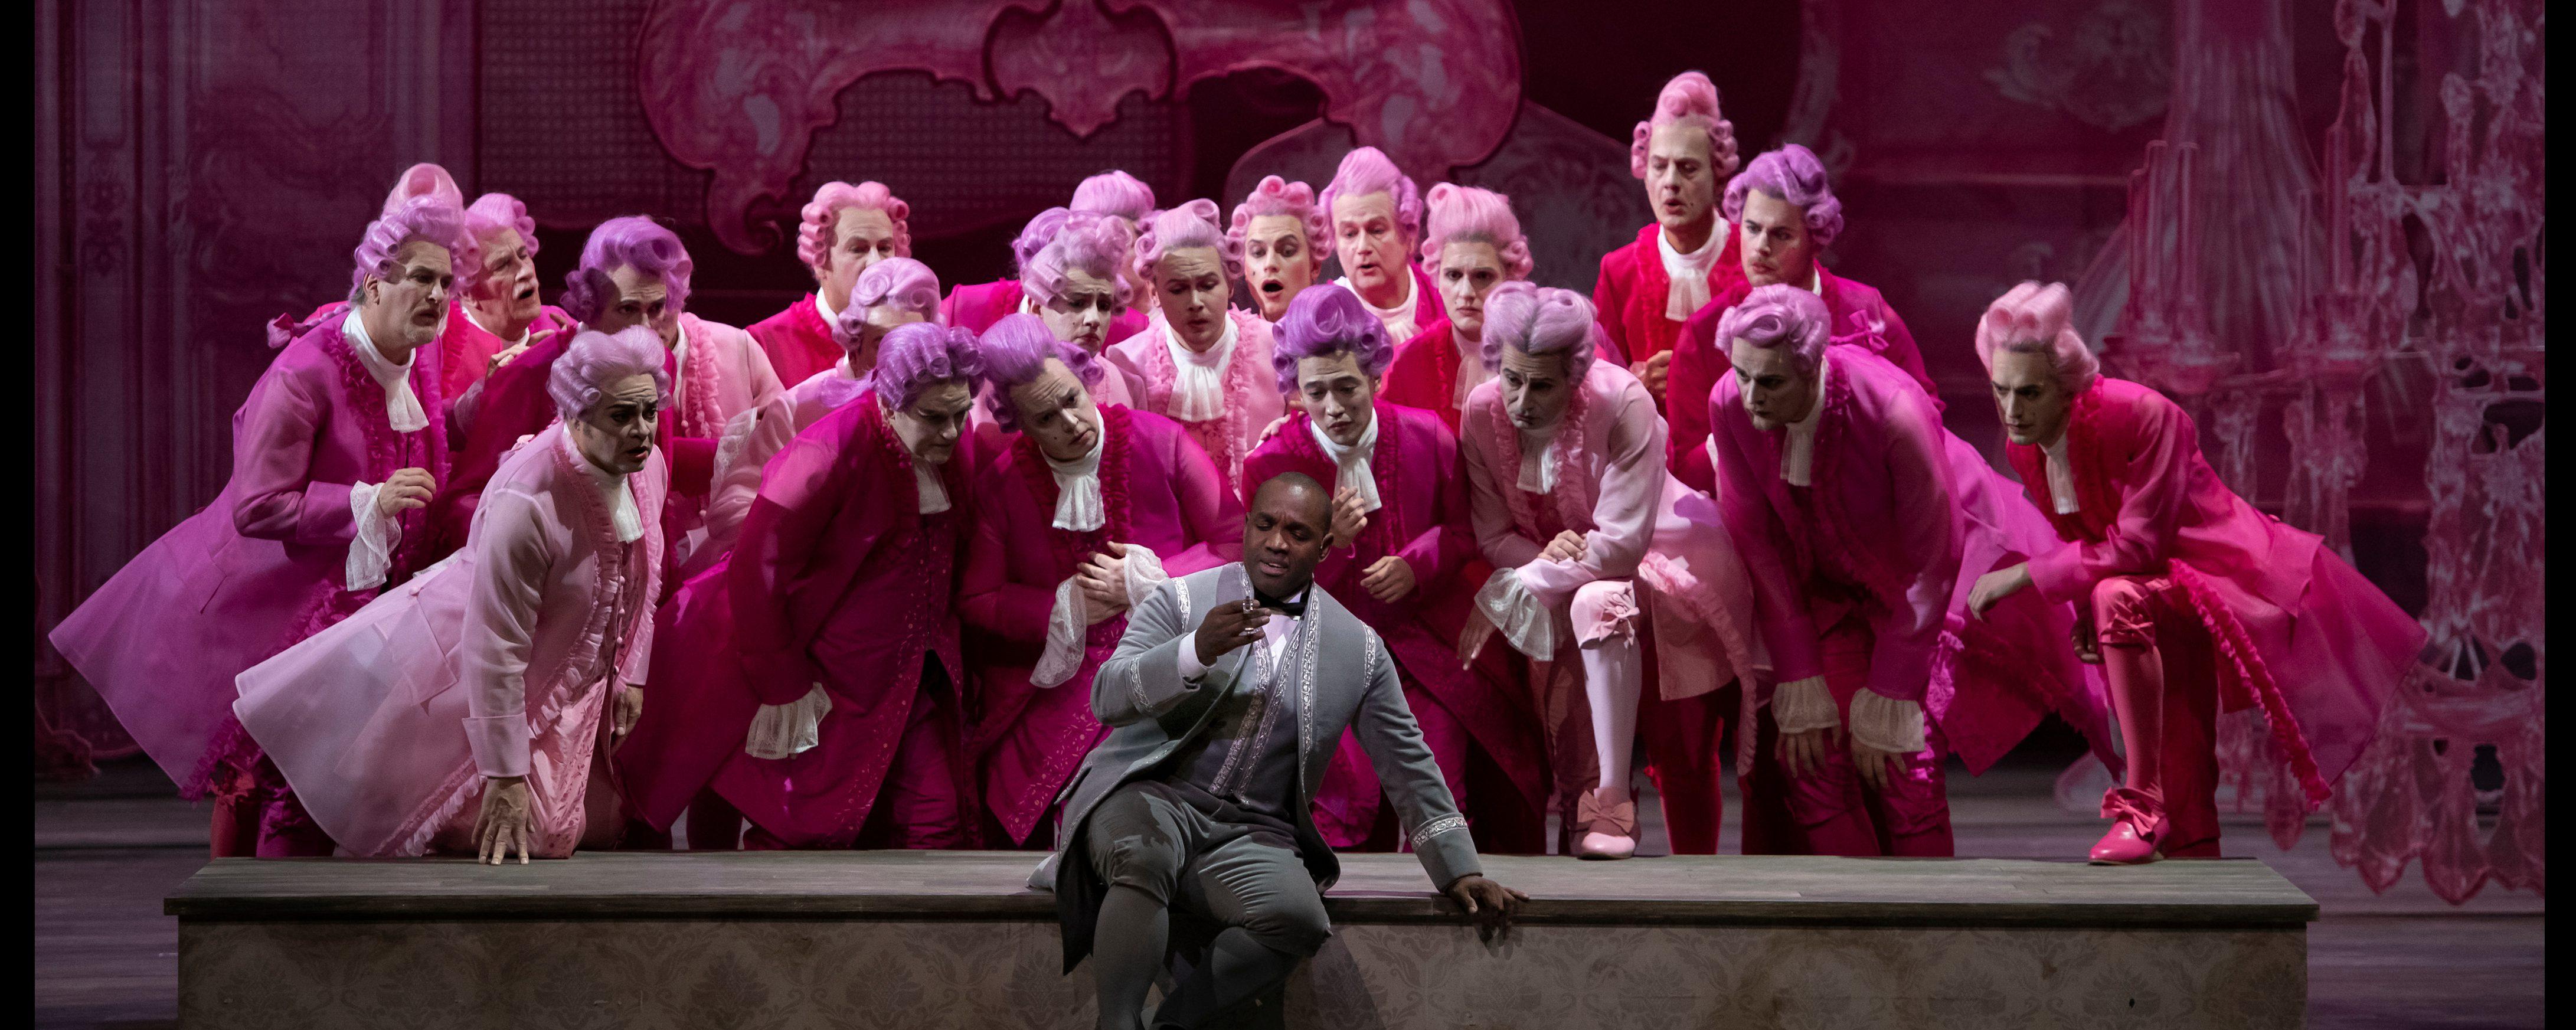 La Cenerentola Ópera de Rossini Palau de les Arts Les Arts És Òpera